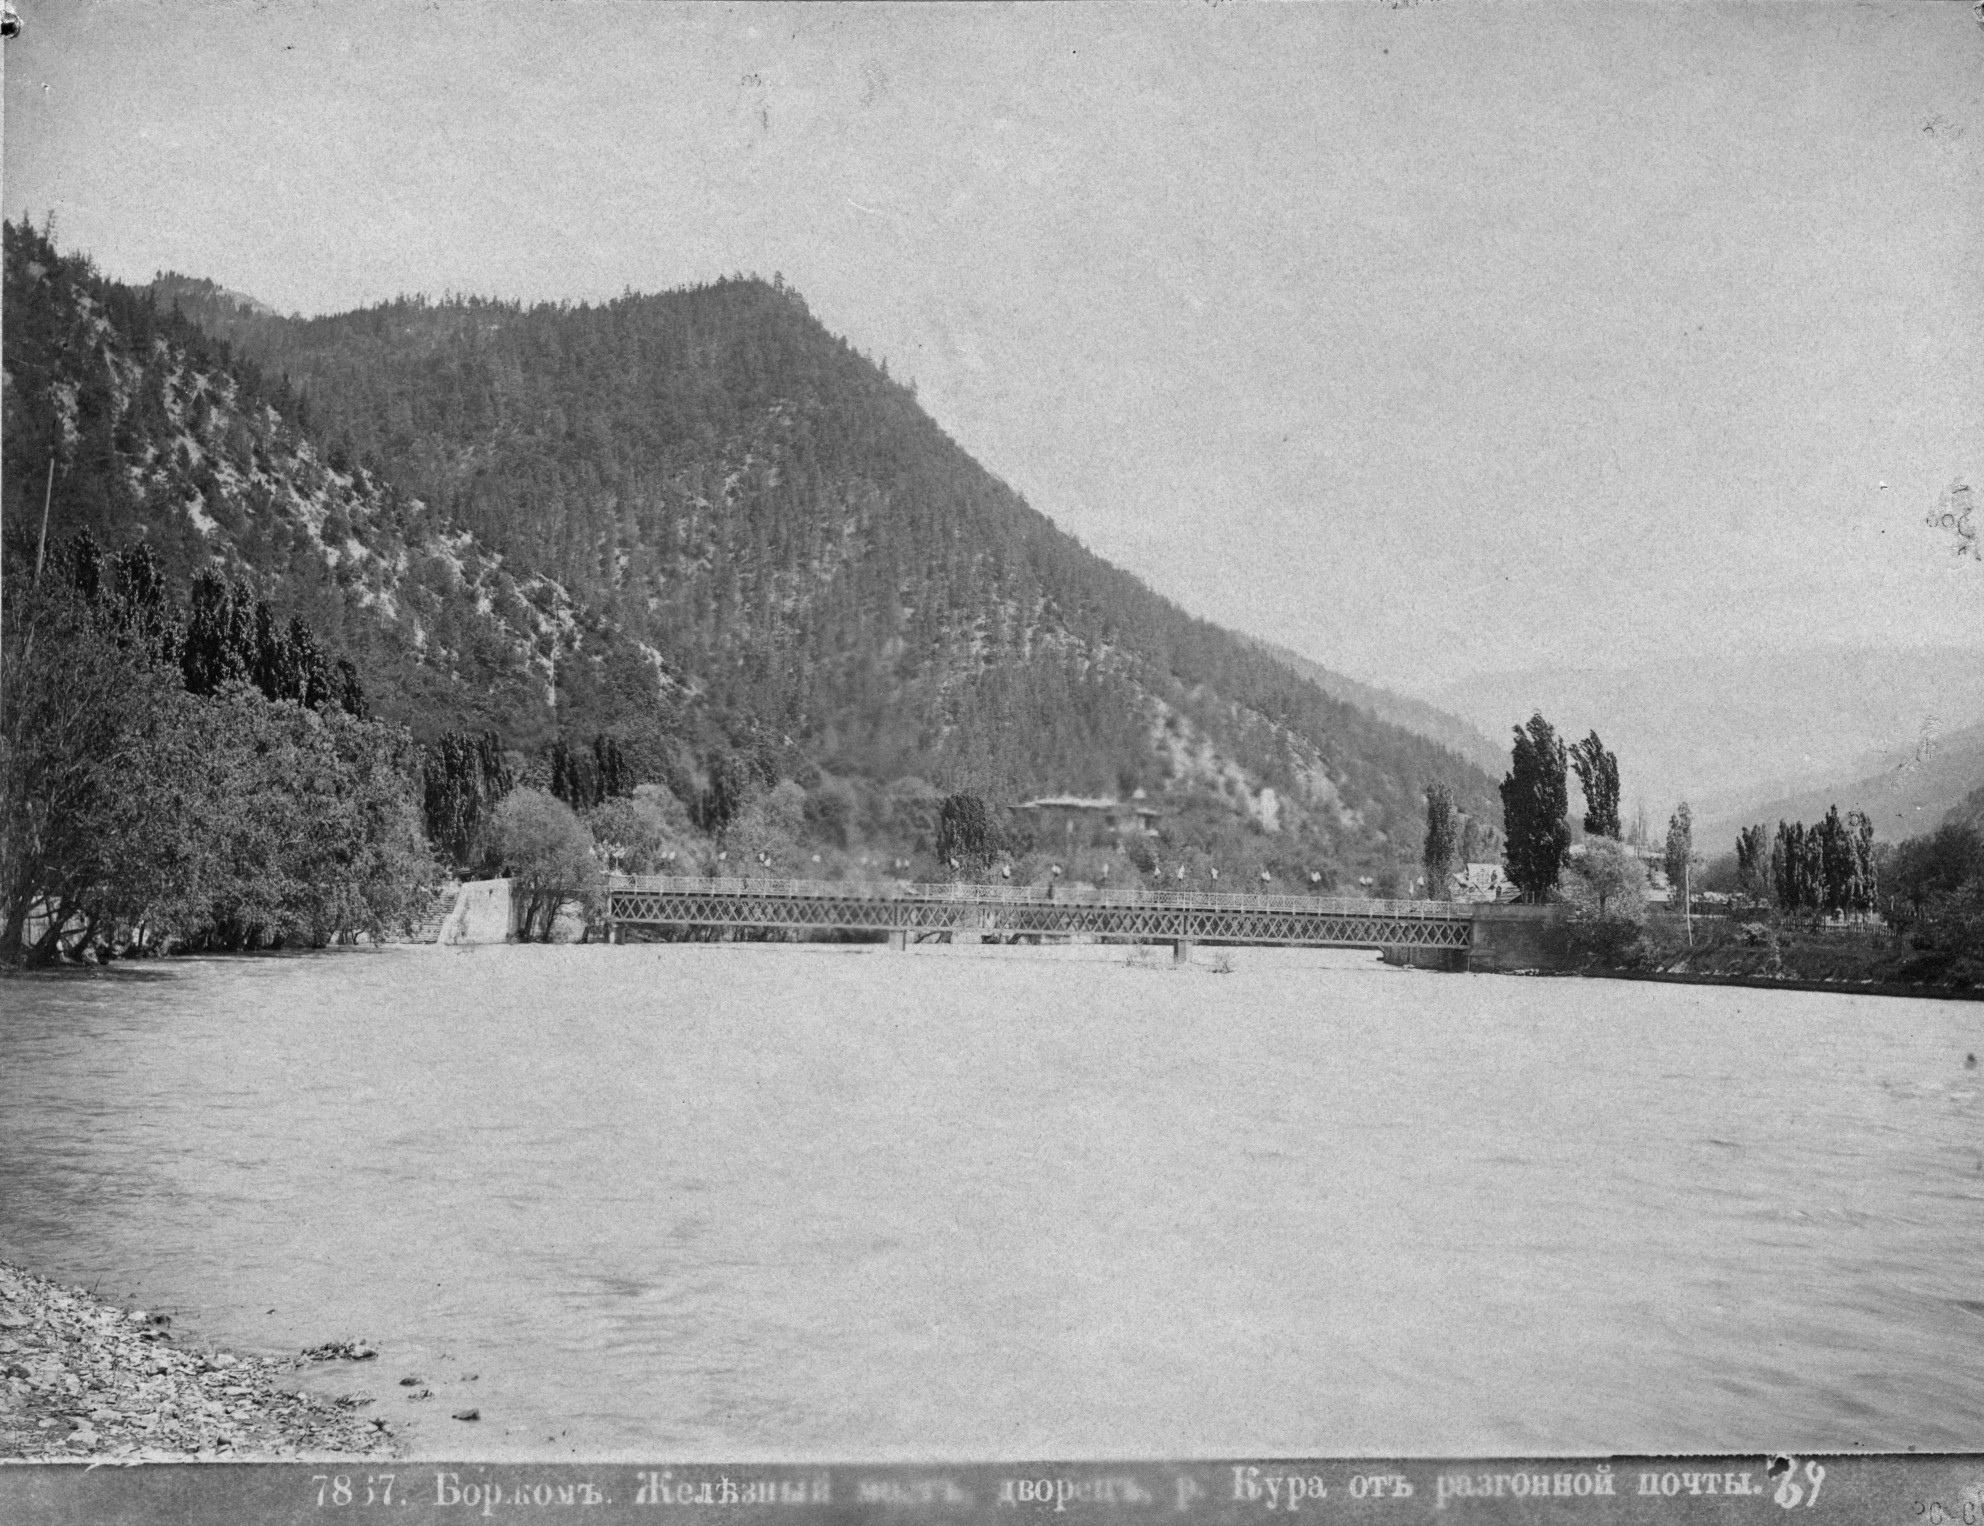 Железный мост, дворец и Кура от разгонной почты